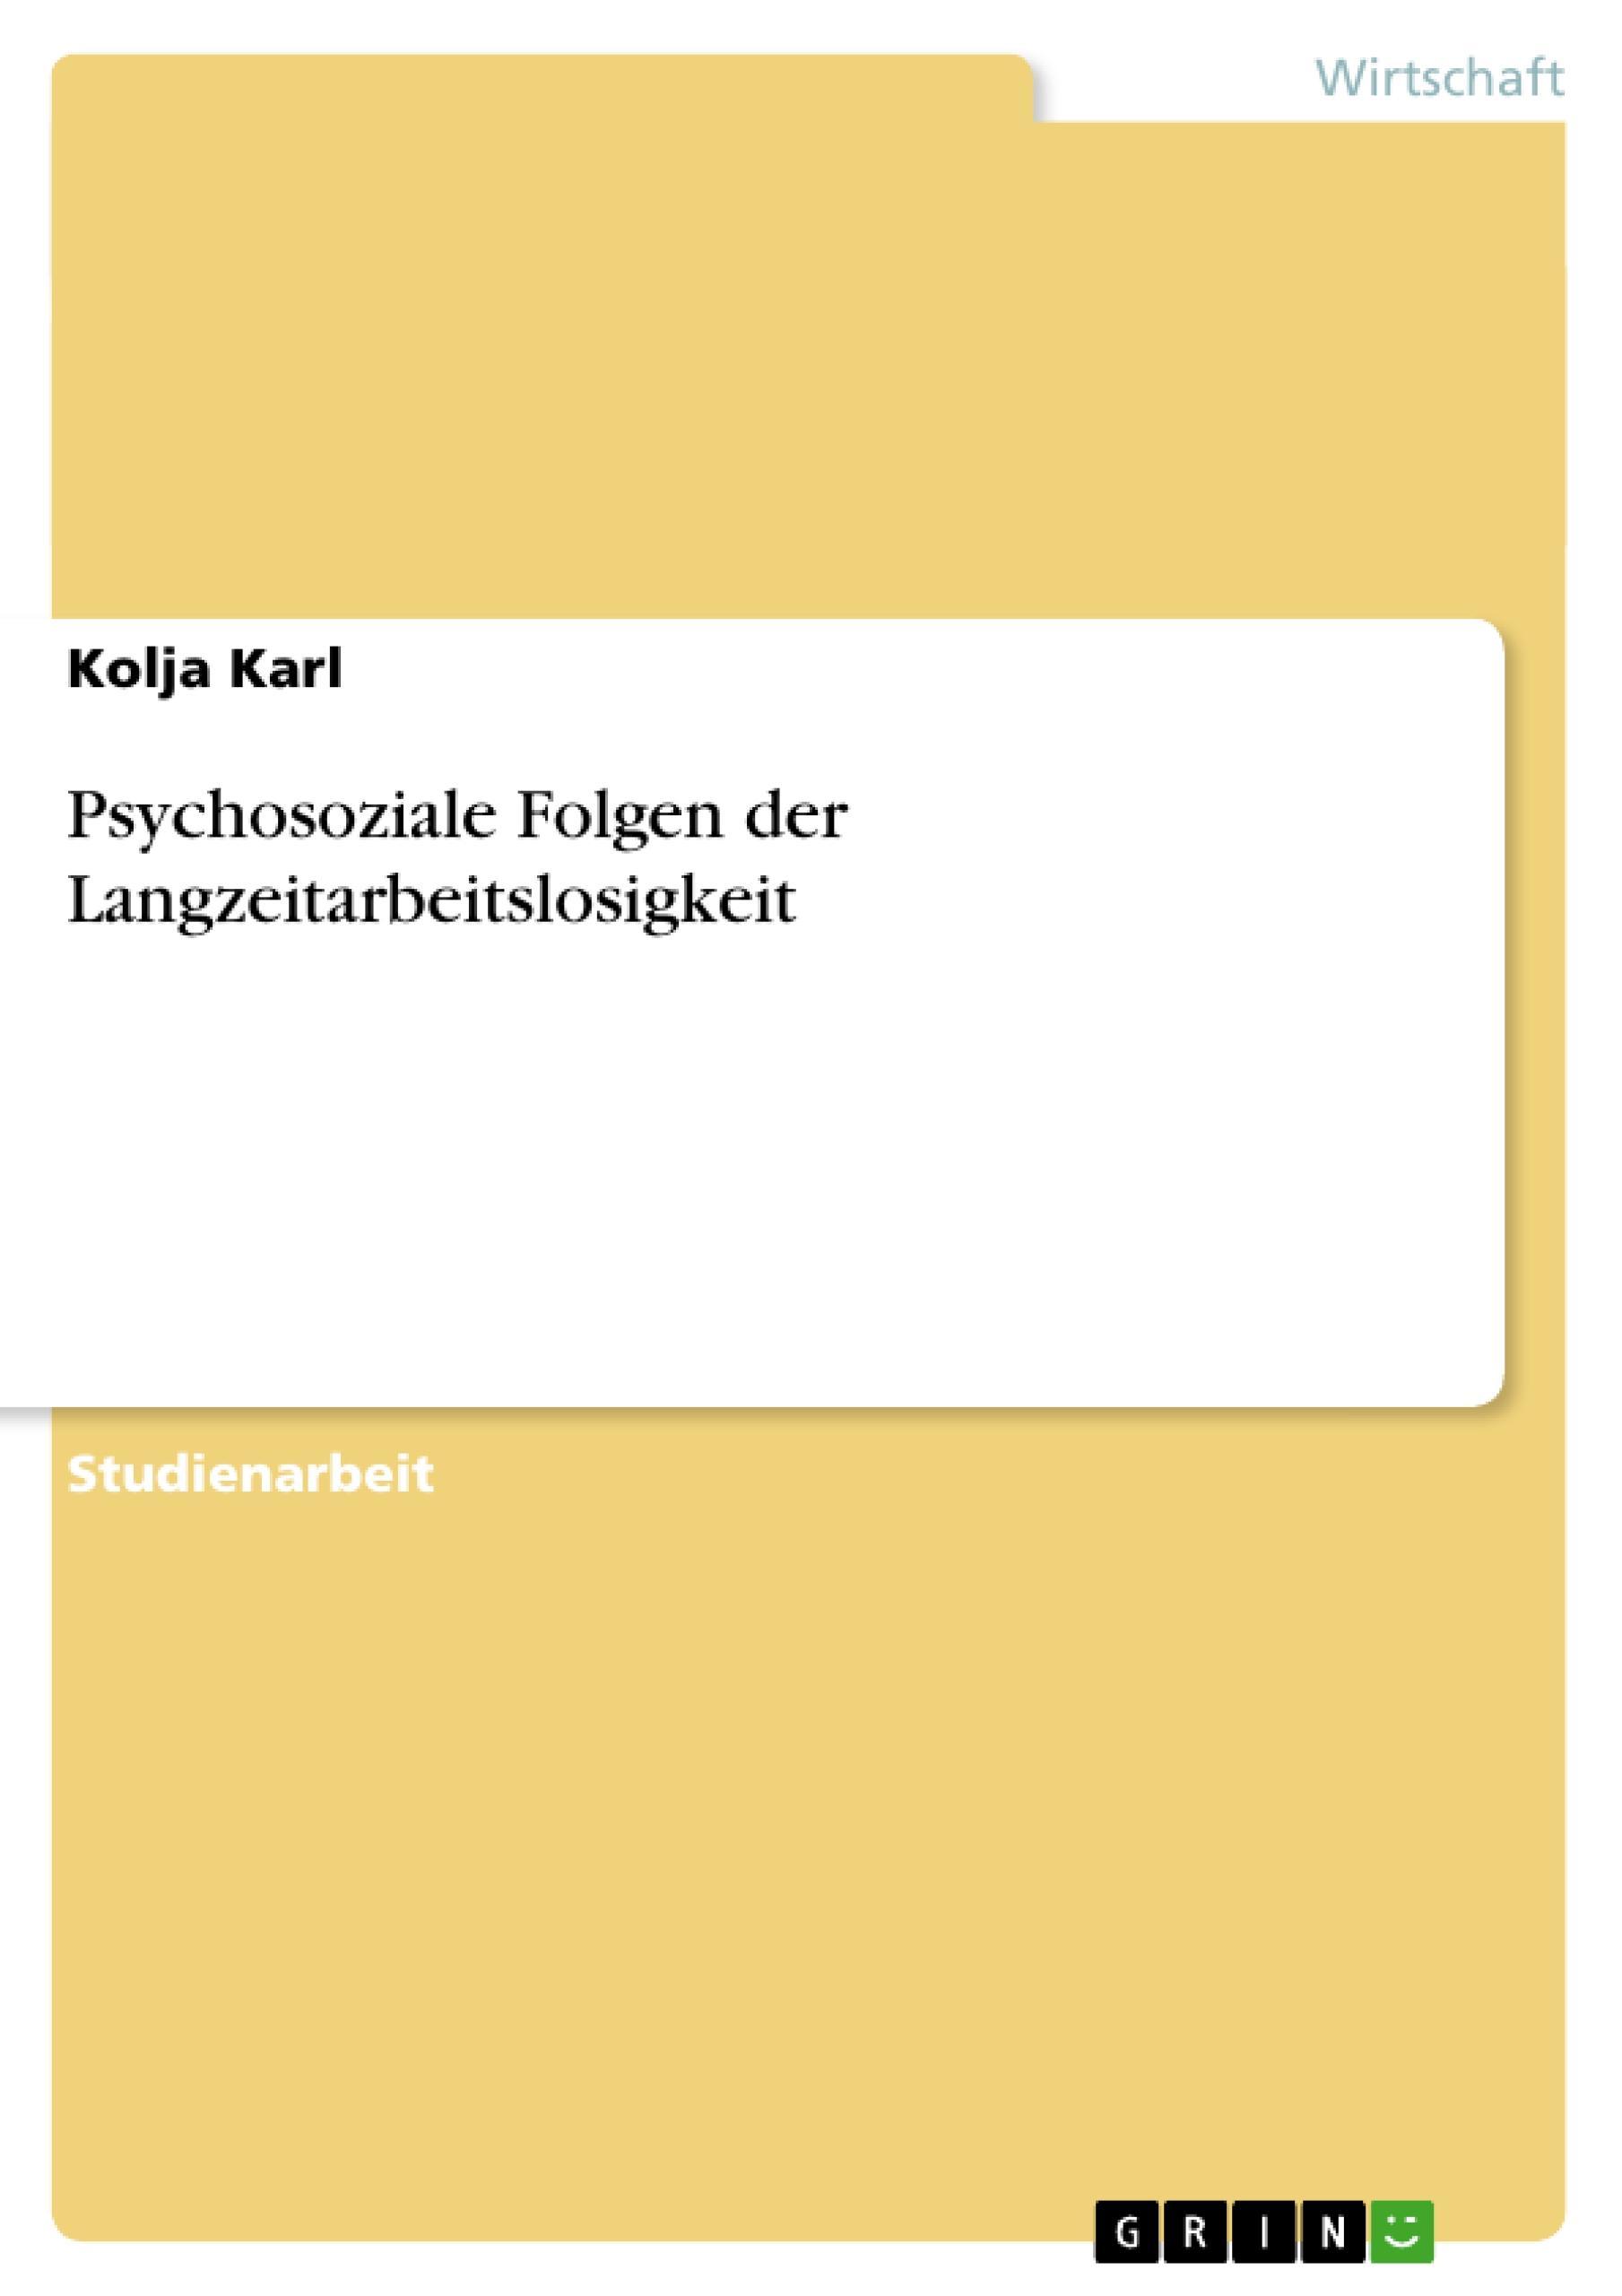 Psychosoziale Folgen der Langzeitarbeitslosigkeit  Kolja Karl  Taschenbuch  Deutsch  2011 - Karl, Kolja